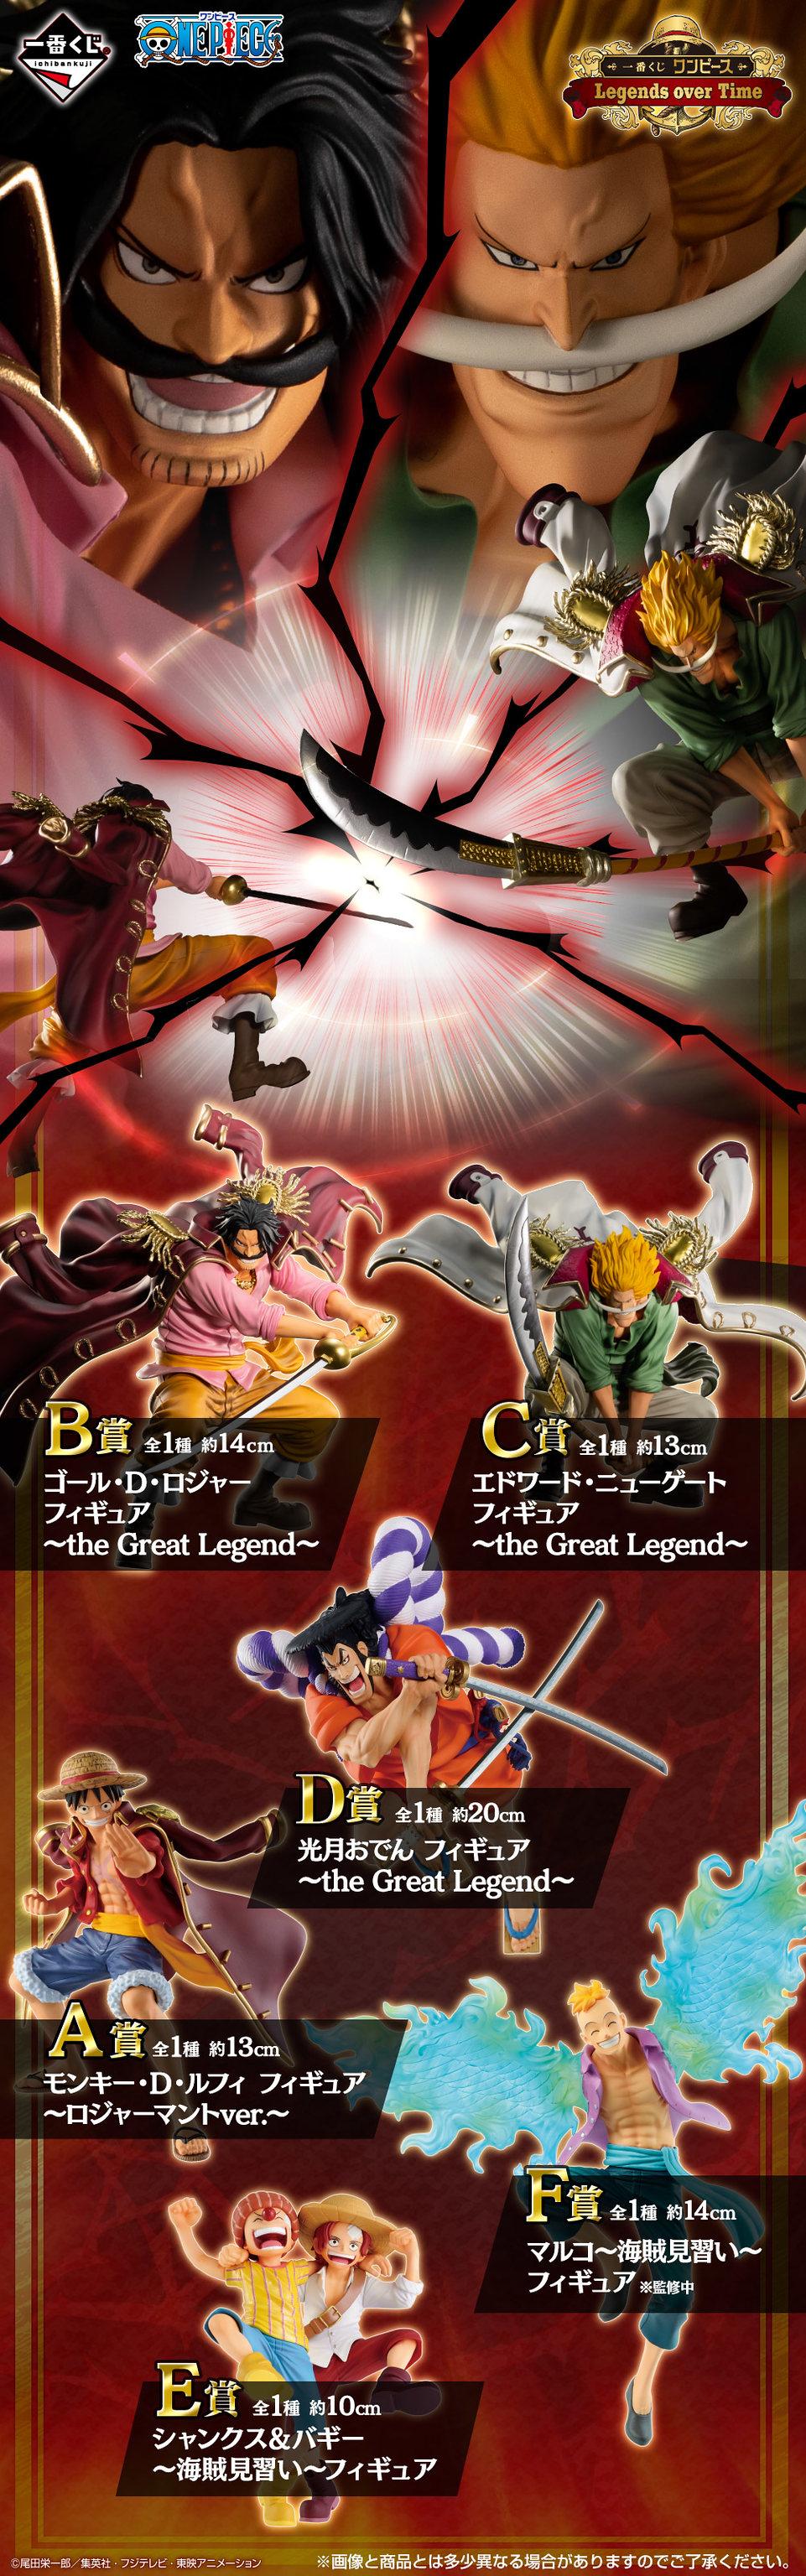 一番賞《航海王》Legends over Time 逝去的傳說參戰!海賊王與白鬍子猛烈的霸氣對撞!